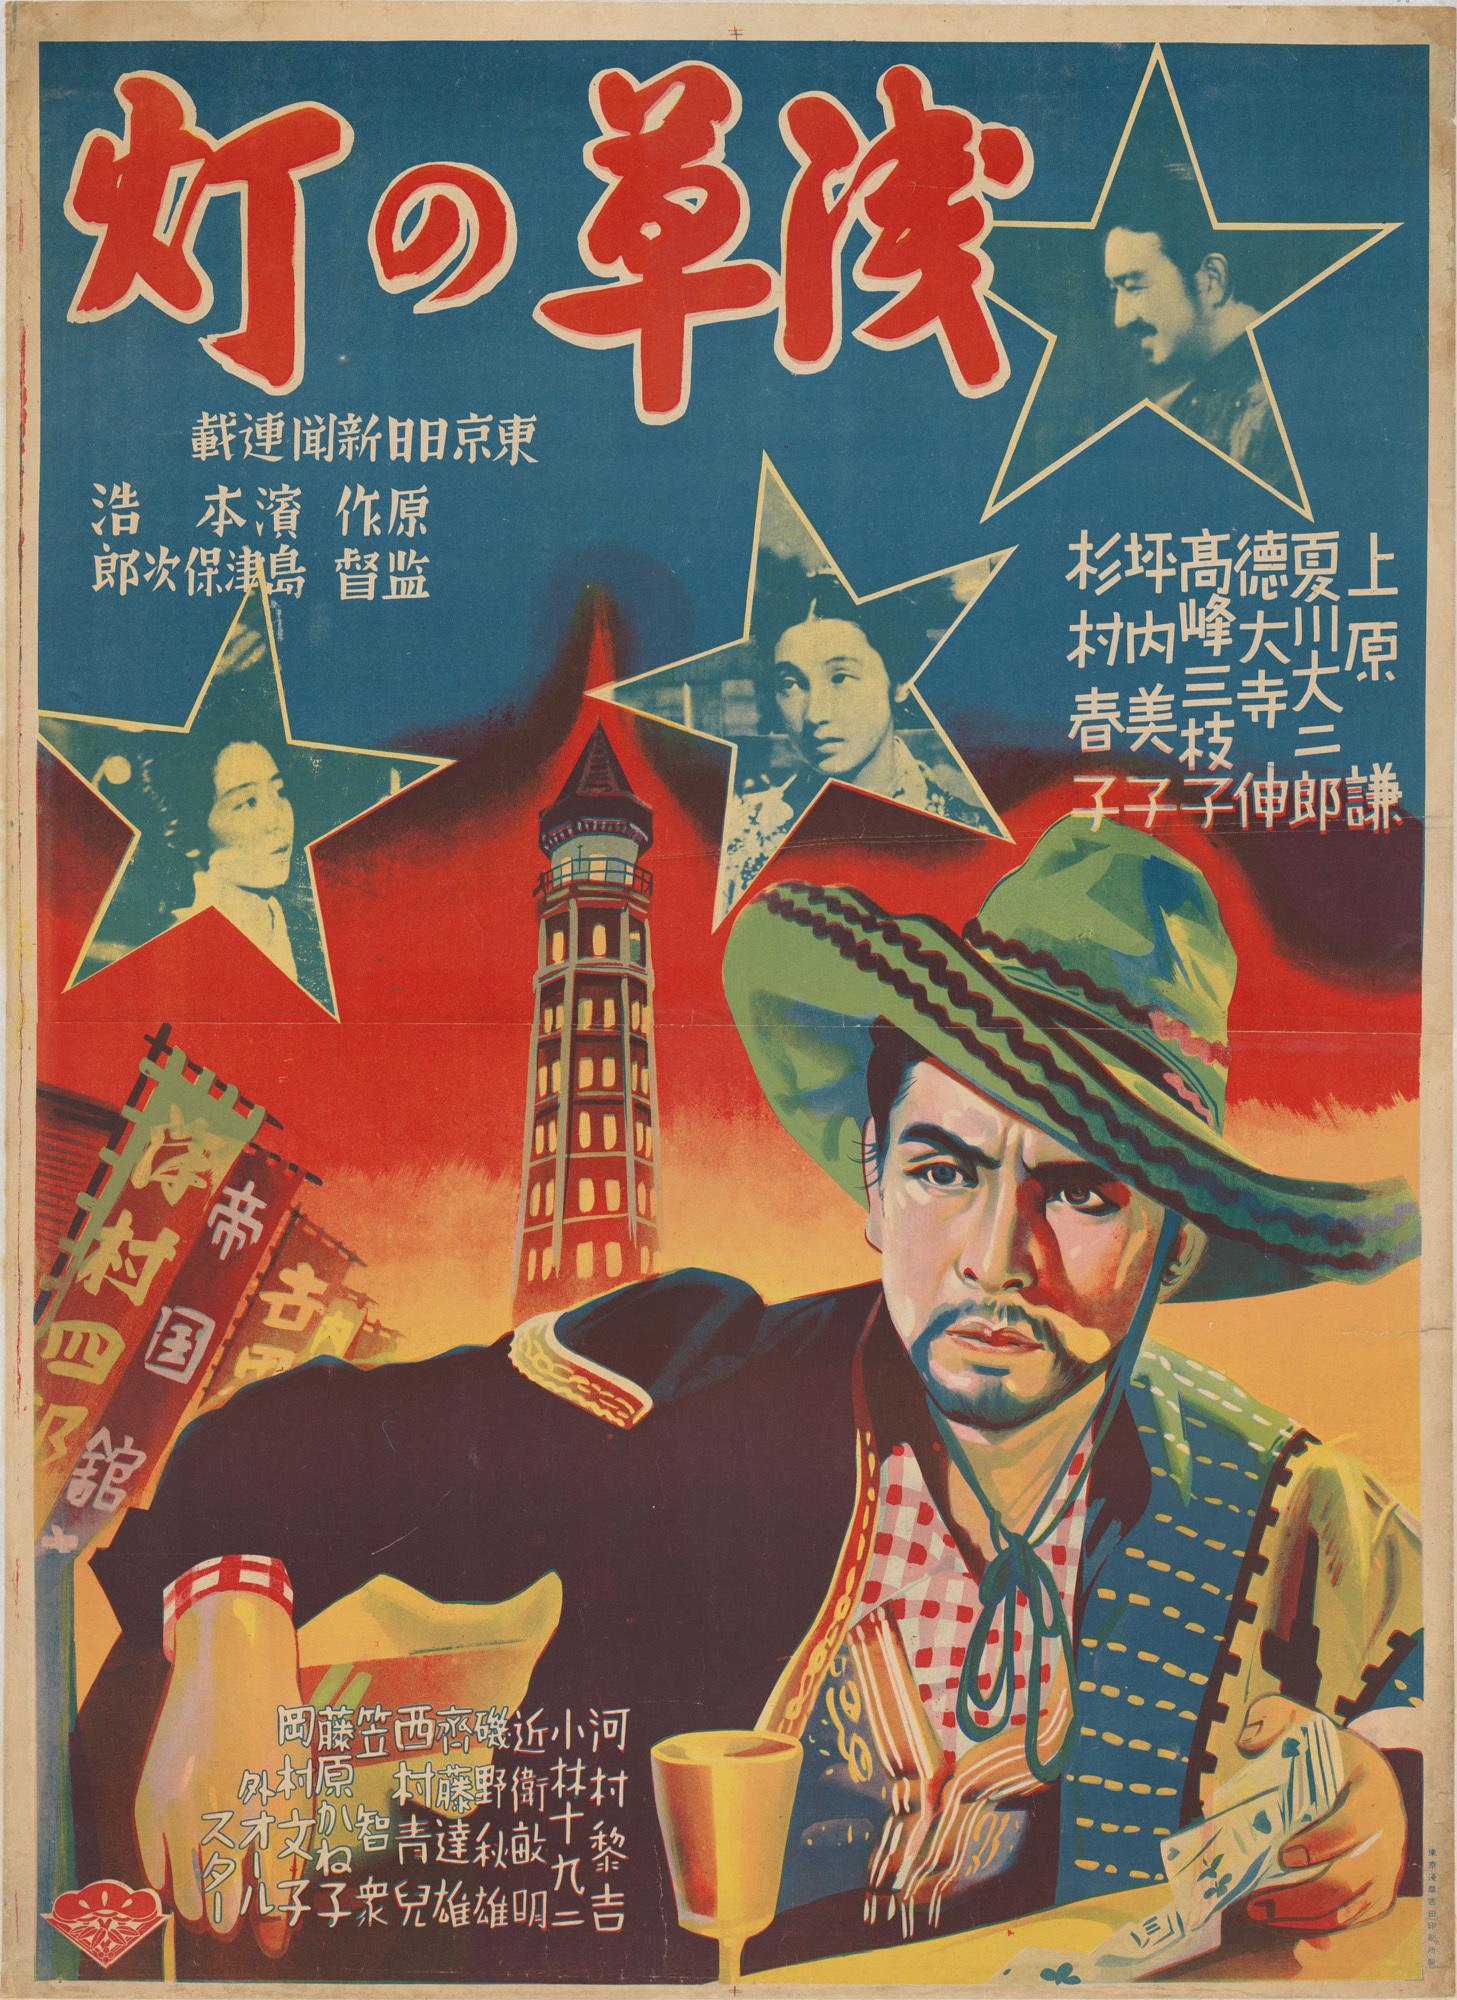 『浅草の灯』(1937年、島津保次郎監督)